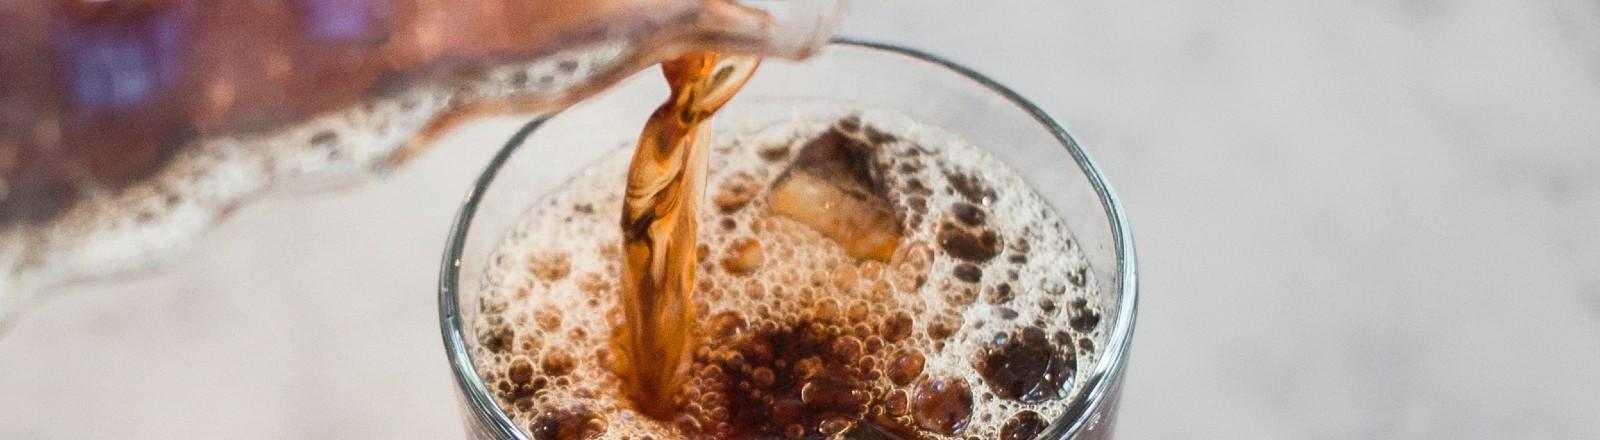 Cold Brew Kaffee wird aufgegossen